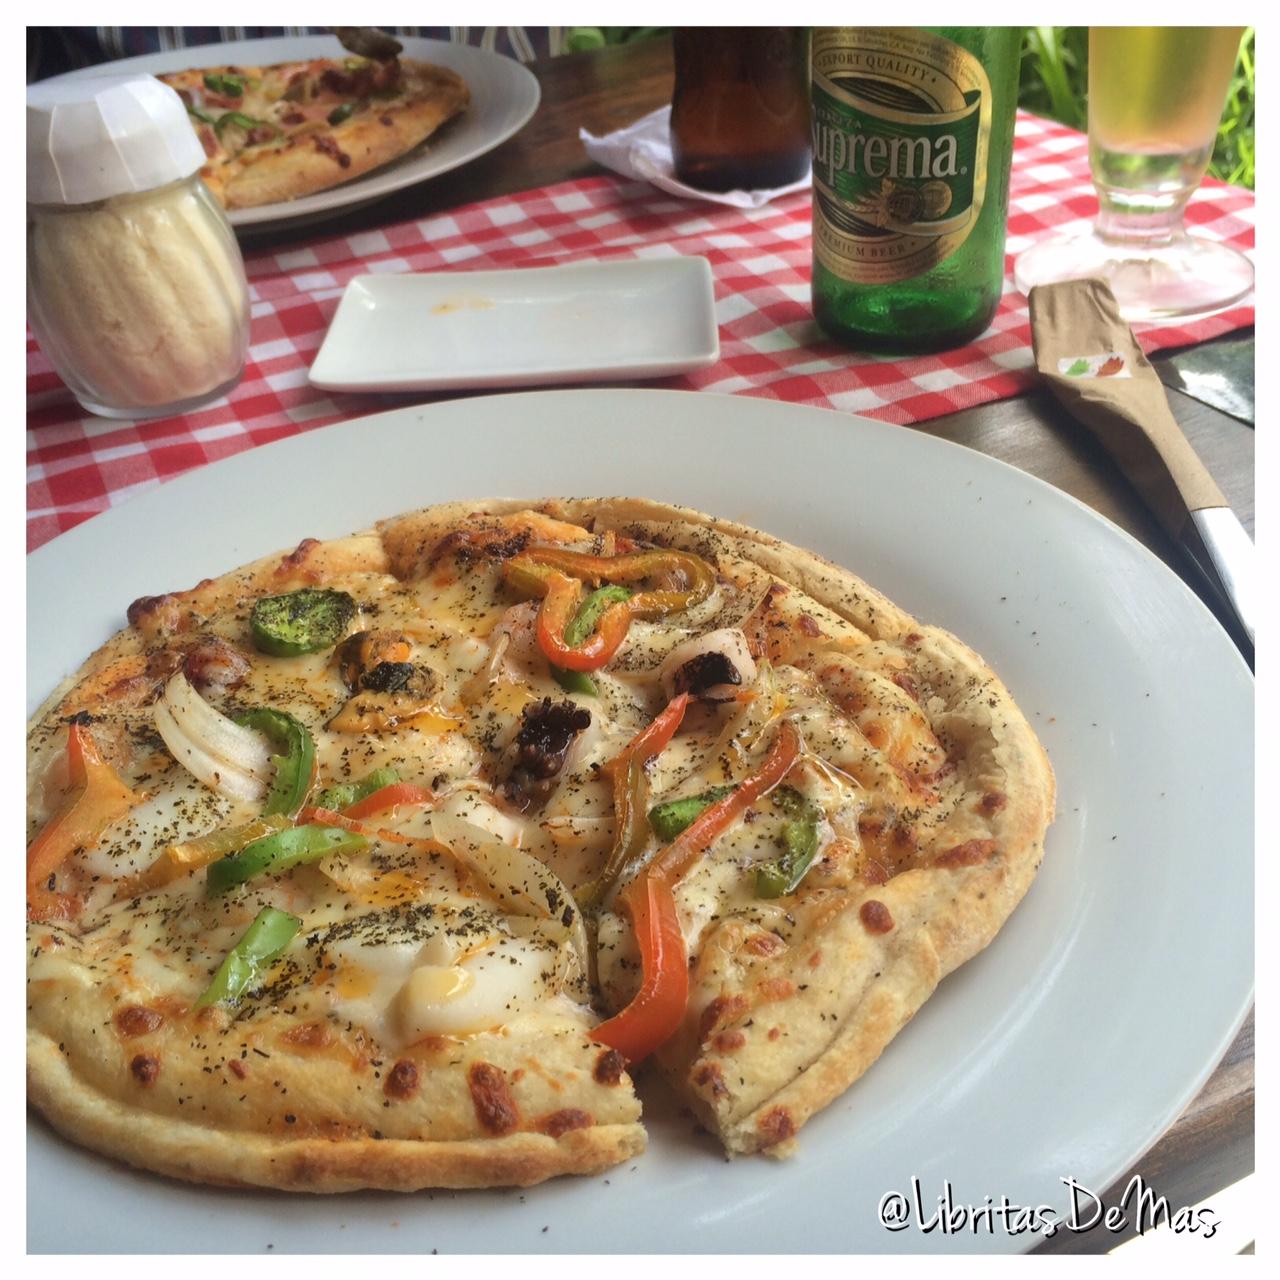 Vitto´s Pizza Lounge & Ristorante #FoodReview